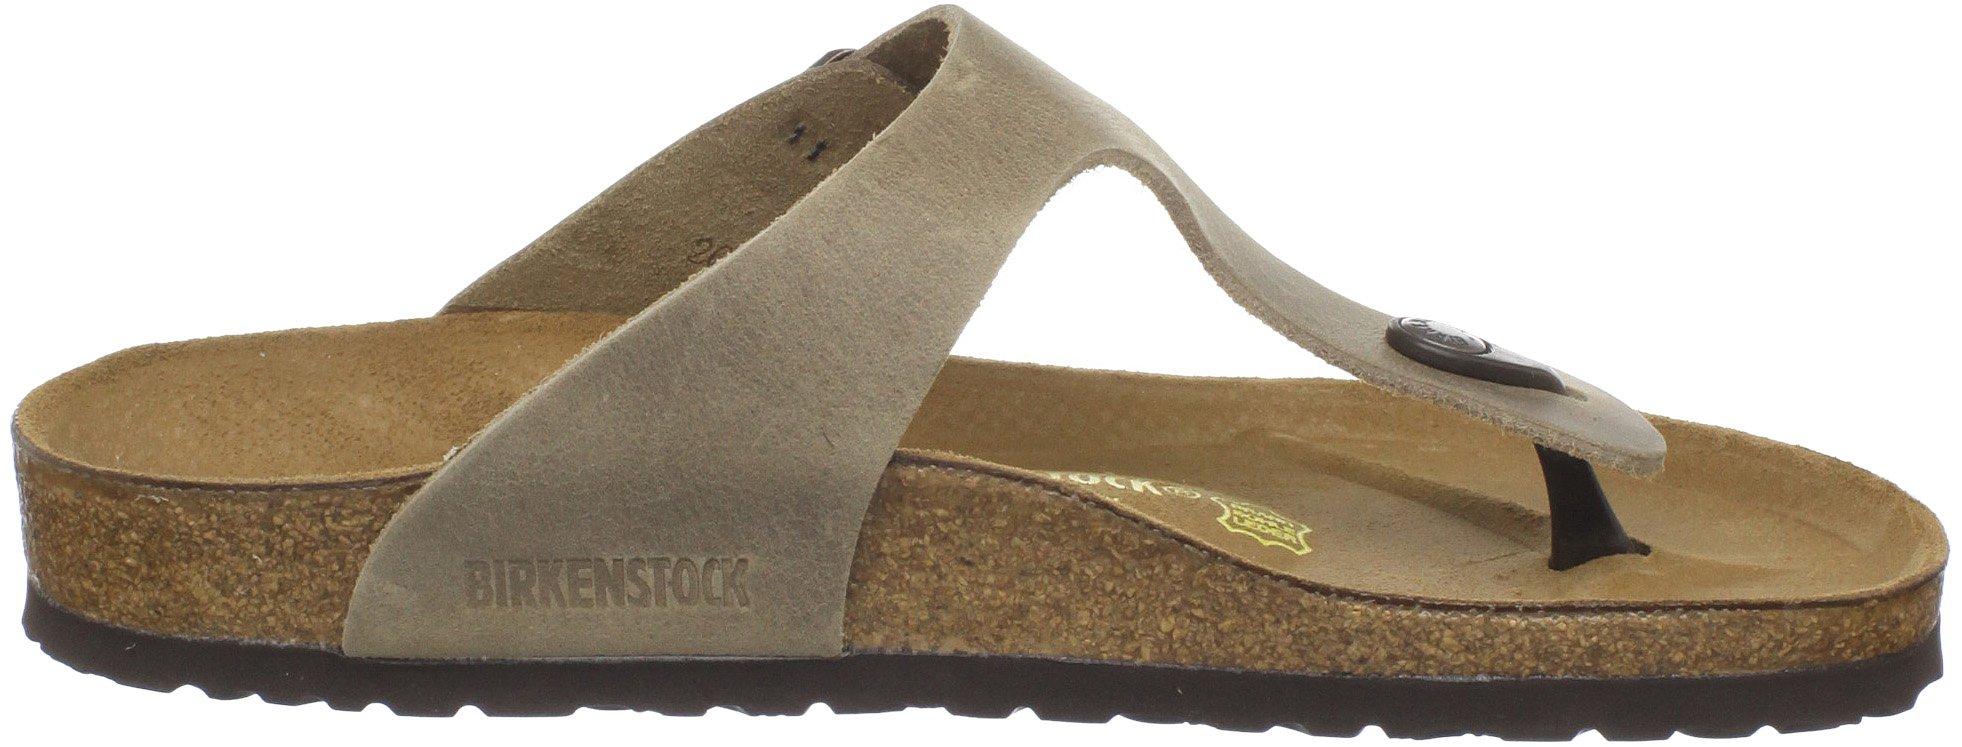 Birkenstock-Women-039-s-Gizeh-Thong-Sandals thumbnail 23